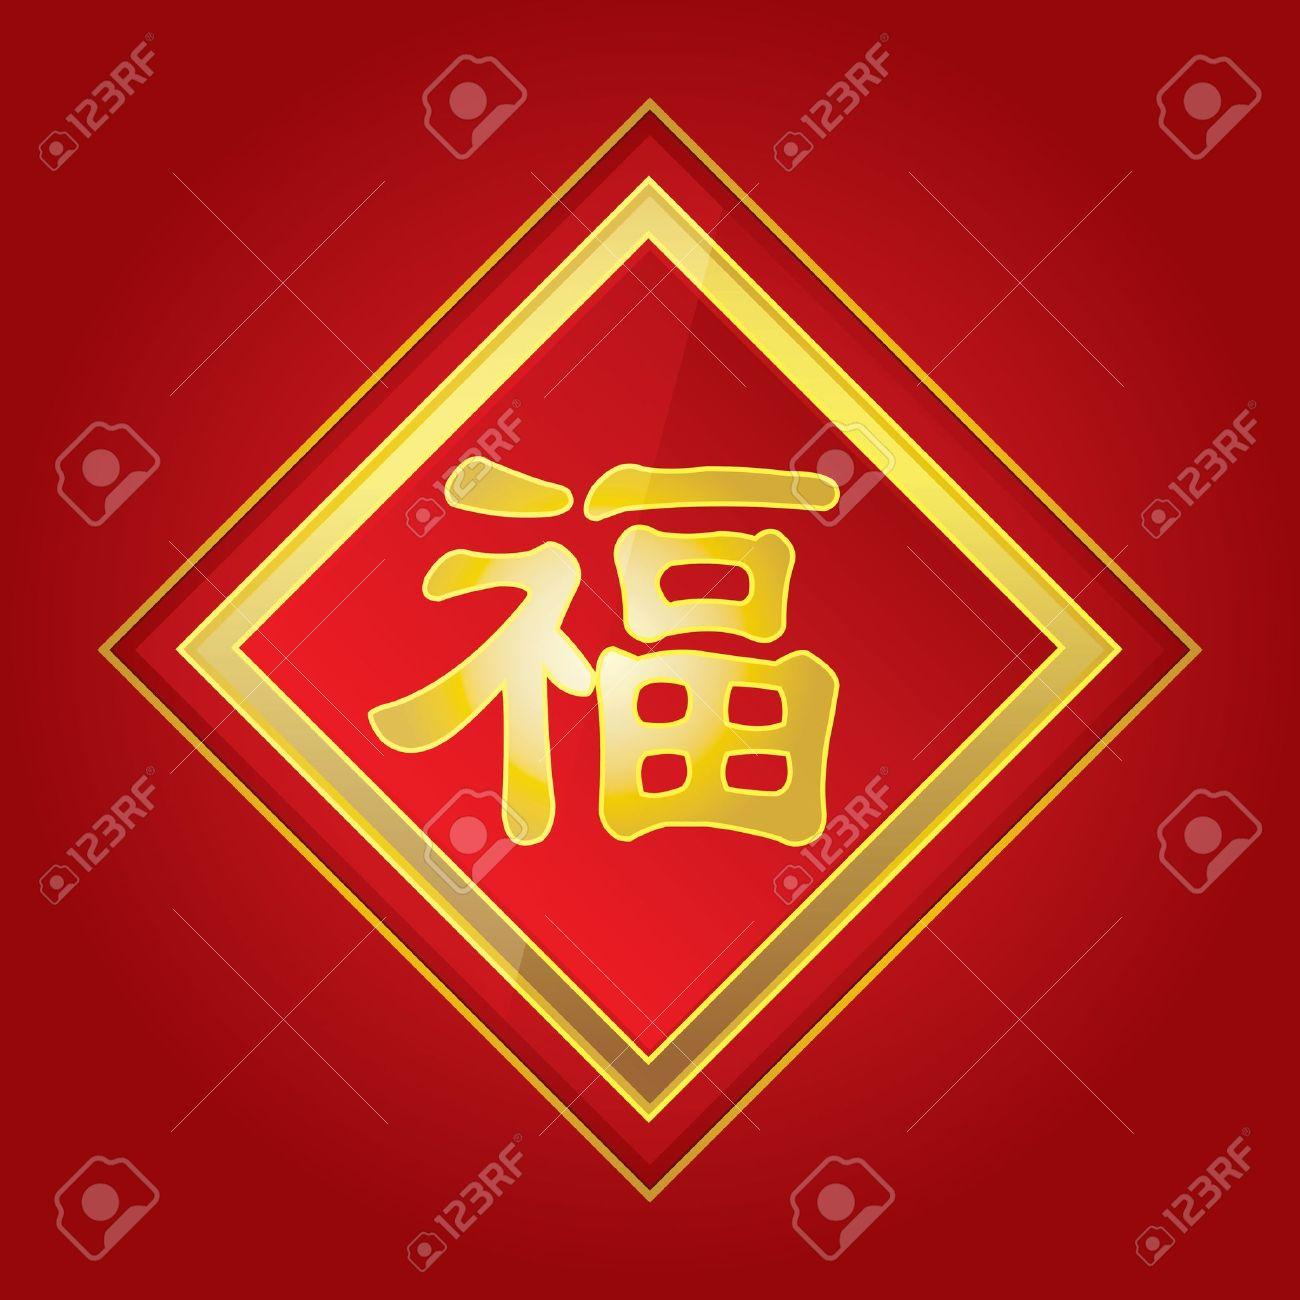 El Carácter Chino Fu Significa Bendición Buena Fortuna Buena Suerte Fu Es Uno De Los Caracteres Chinos Más Populares Utilizados En El Año Nuevo Chino Ilustraciones Vectoriales Clip Art Vectorizado Libre De